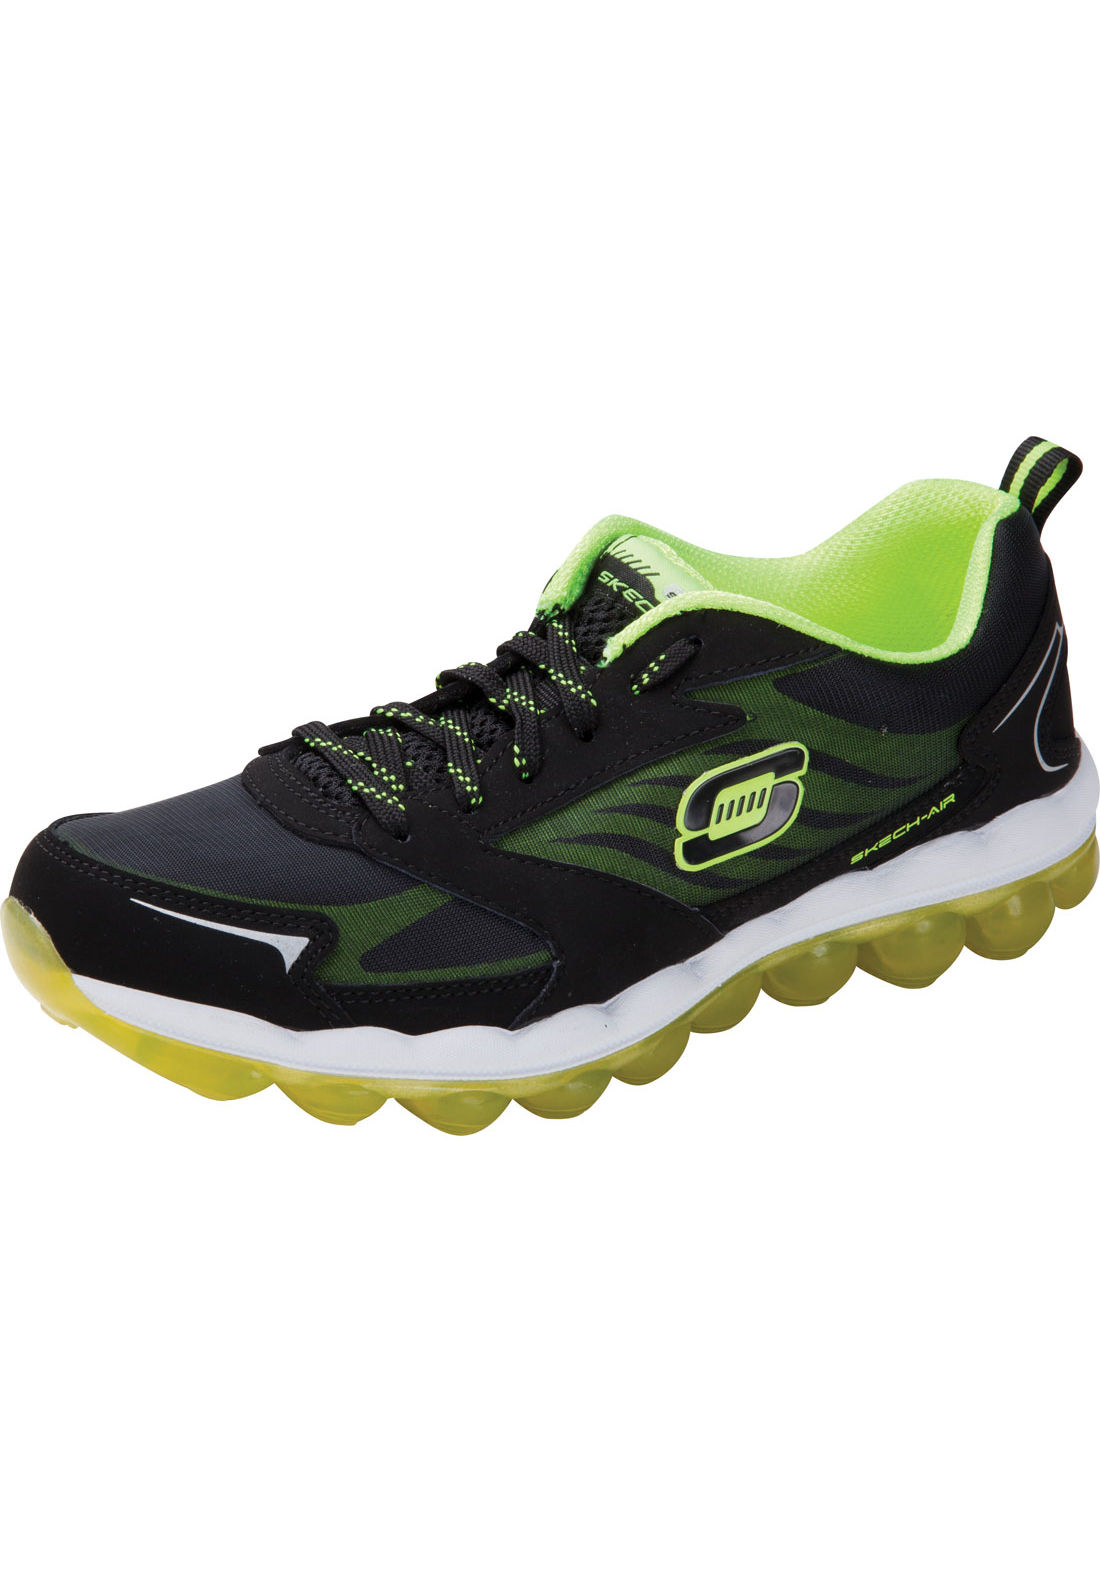 skechers footwear skechair memory foam insole athletic ebay